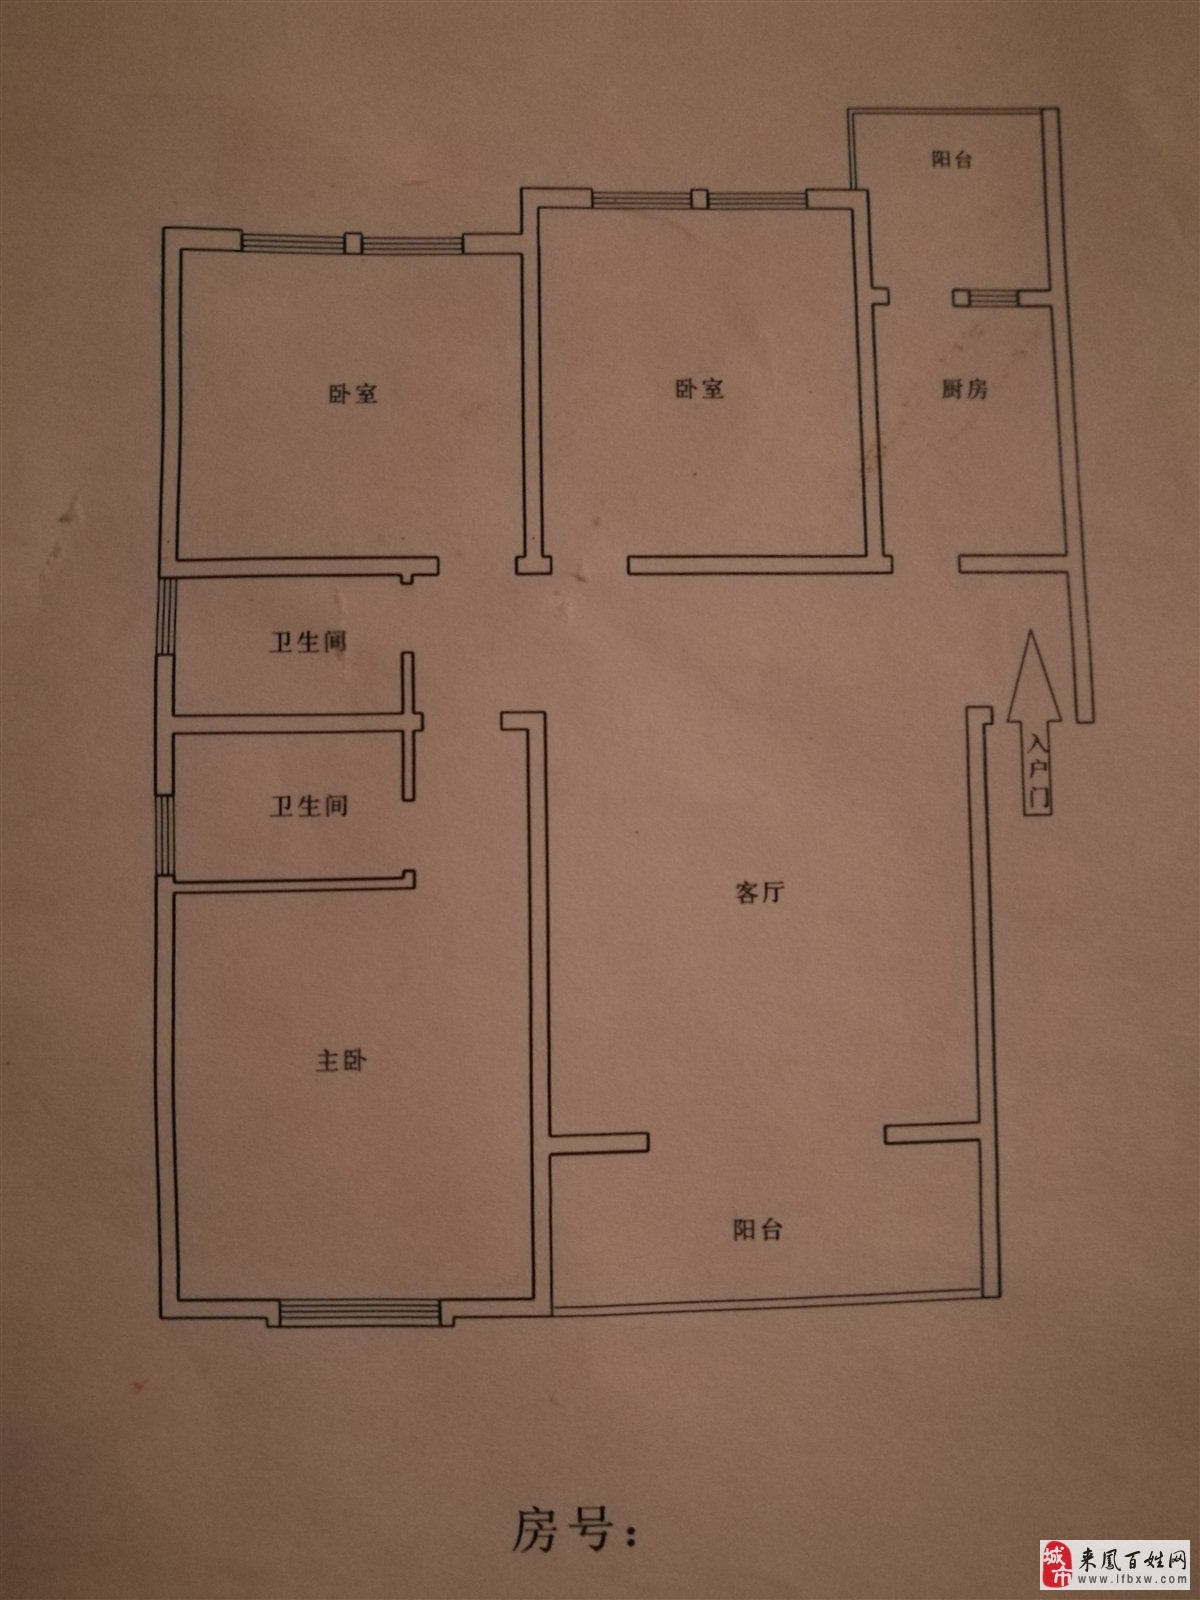 夏威夷3室2厅2卫装修房澳门新濠天地官网首页